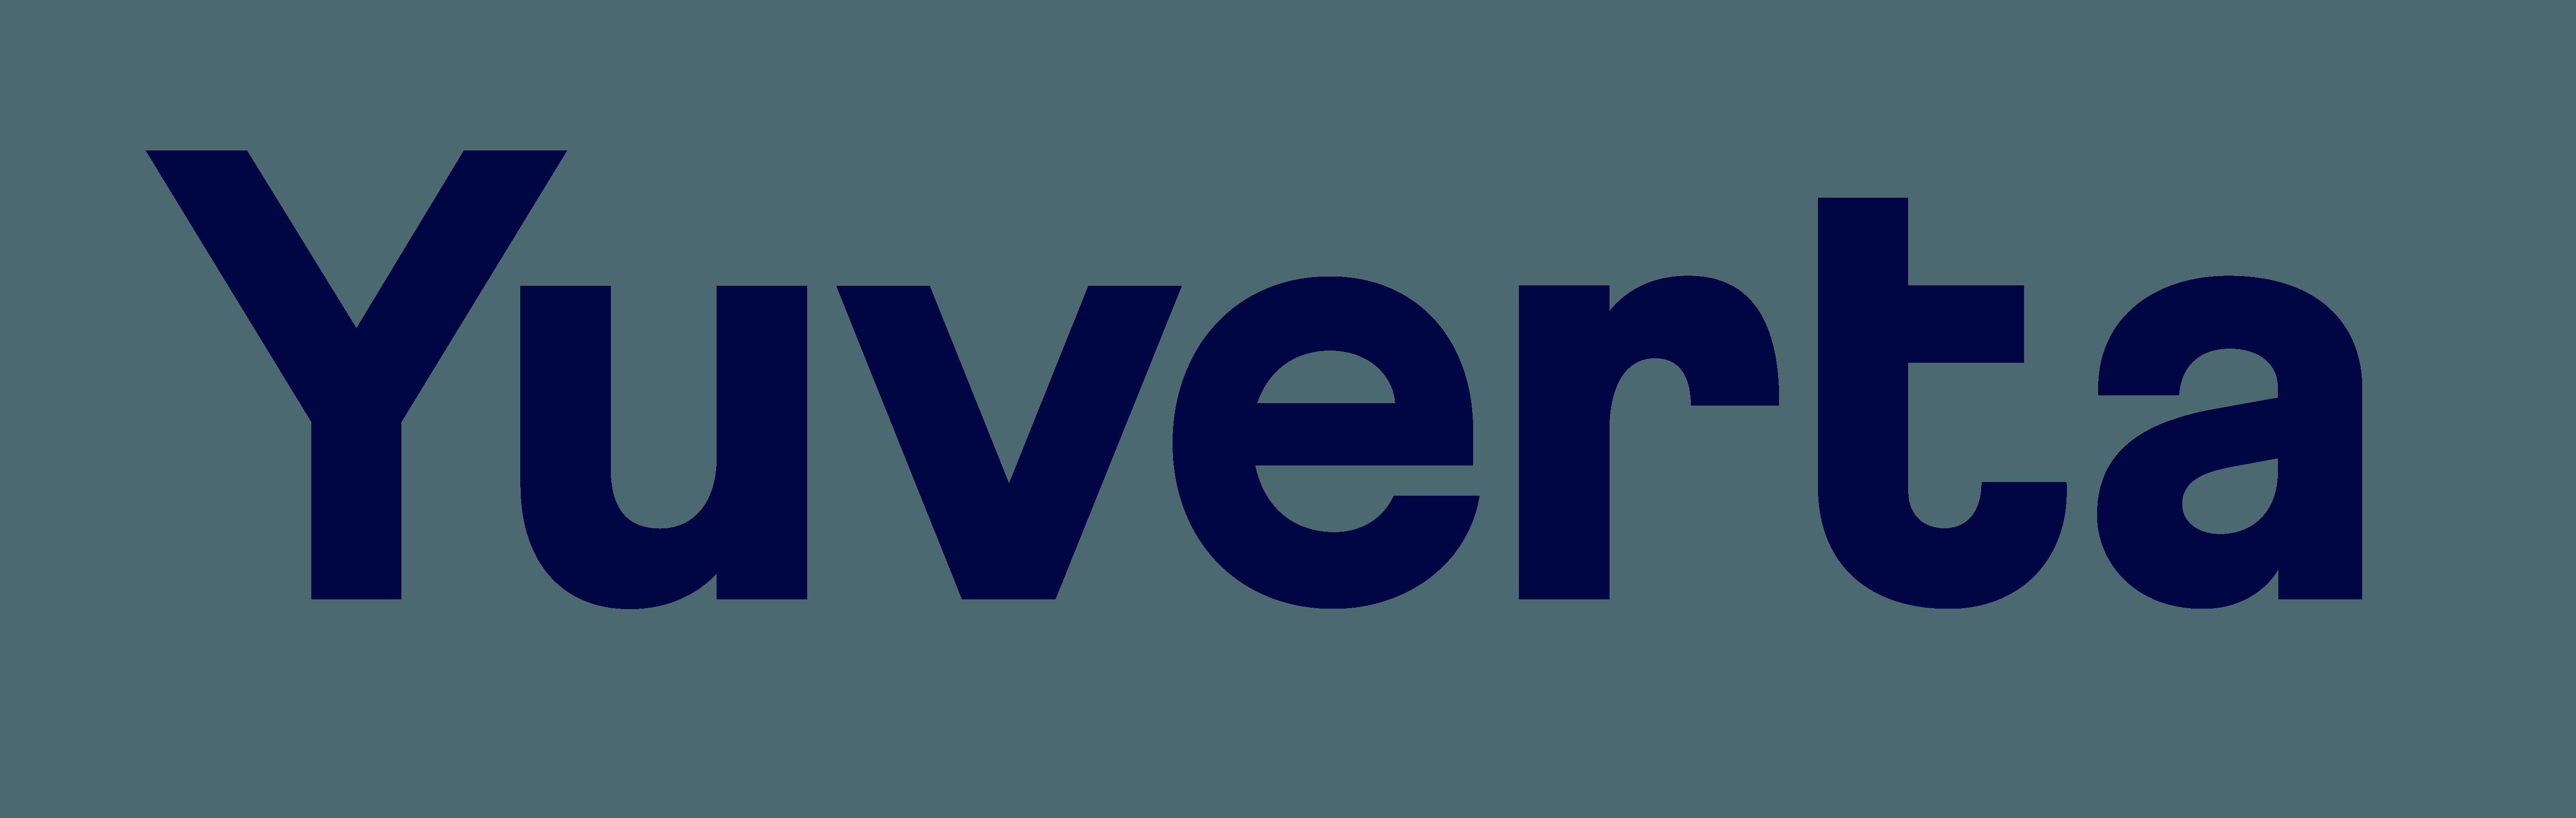 Yuverta: Managementassistent(e)